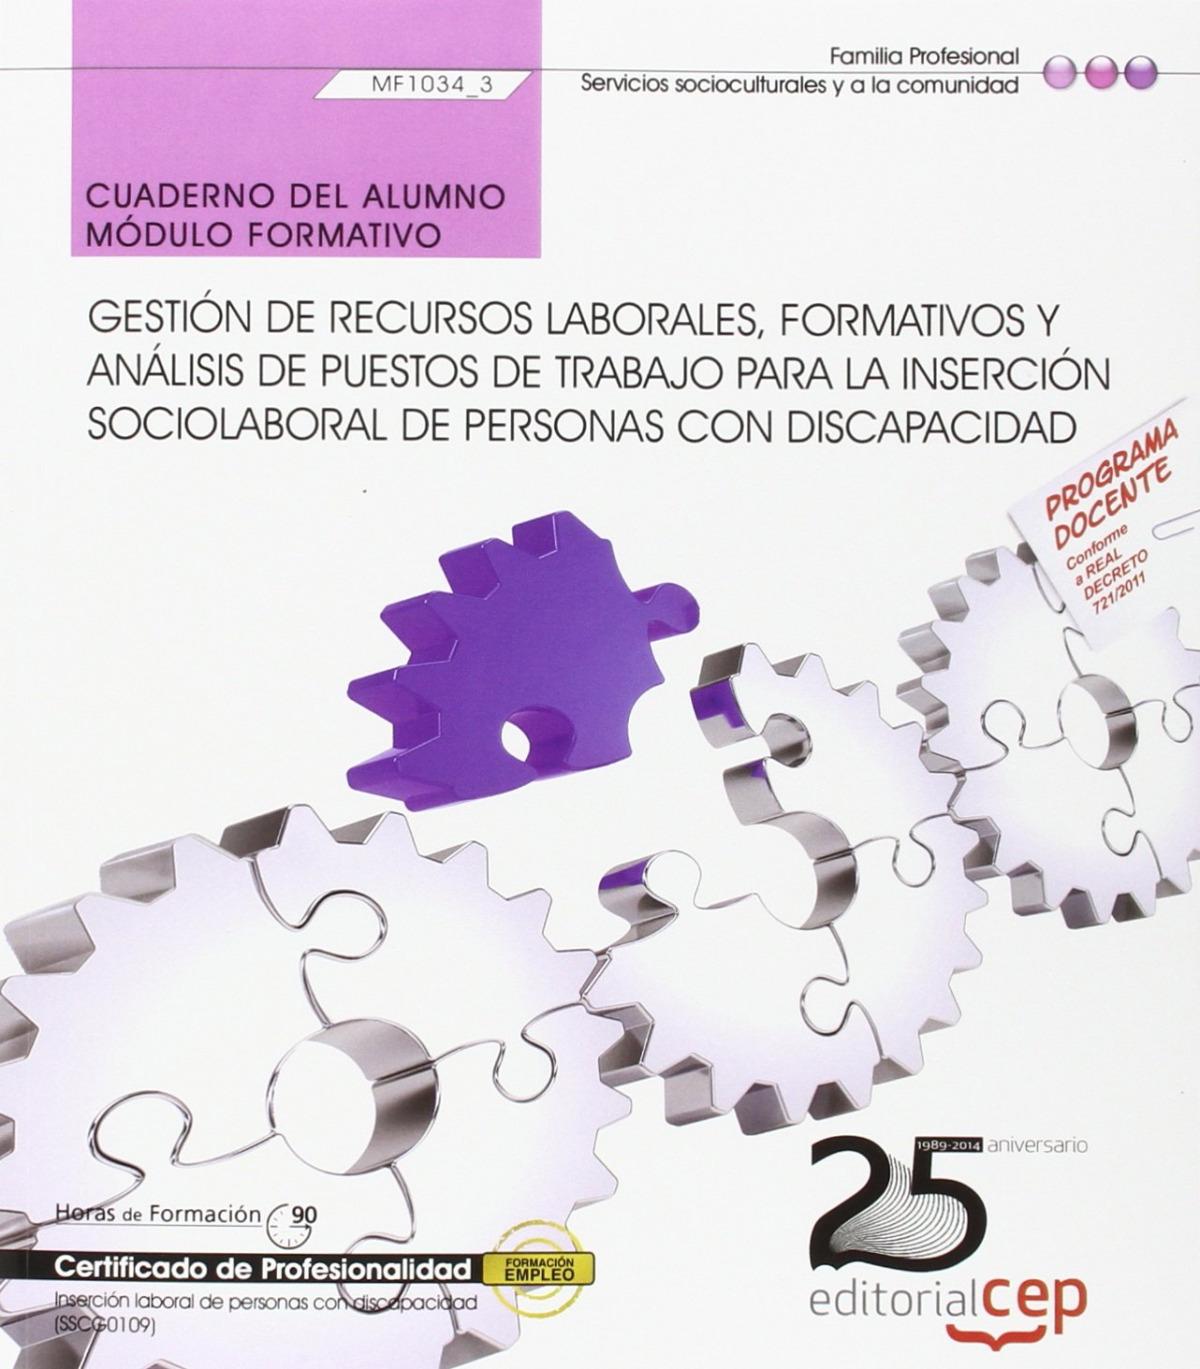 Cuaderno del alumno. Gestión de recursos laborales, formativos y análisis de puestos de trabajo para la inserción sociolaboral de personas con Discapa